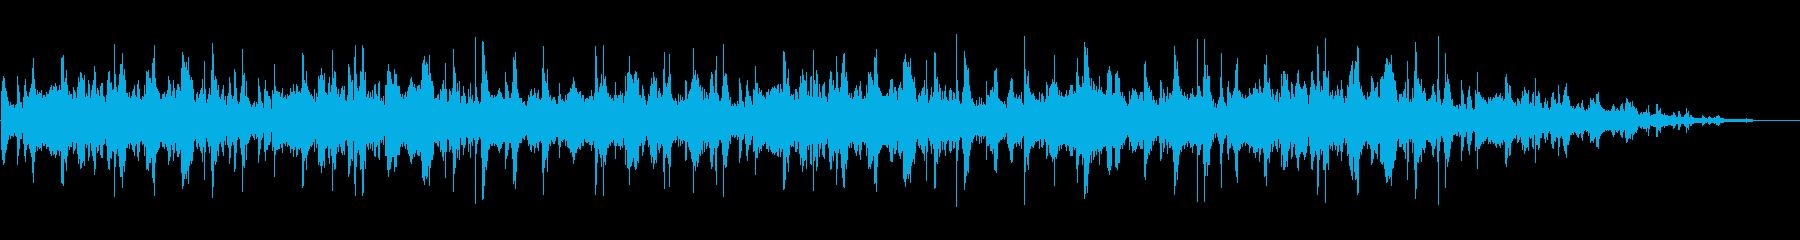 30秒バージョンの再生済みの波形